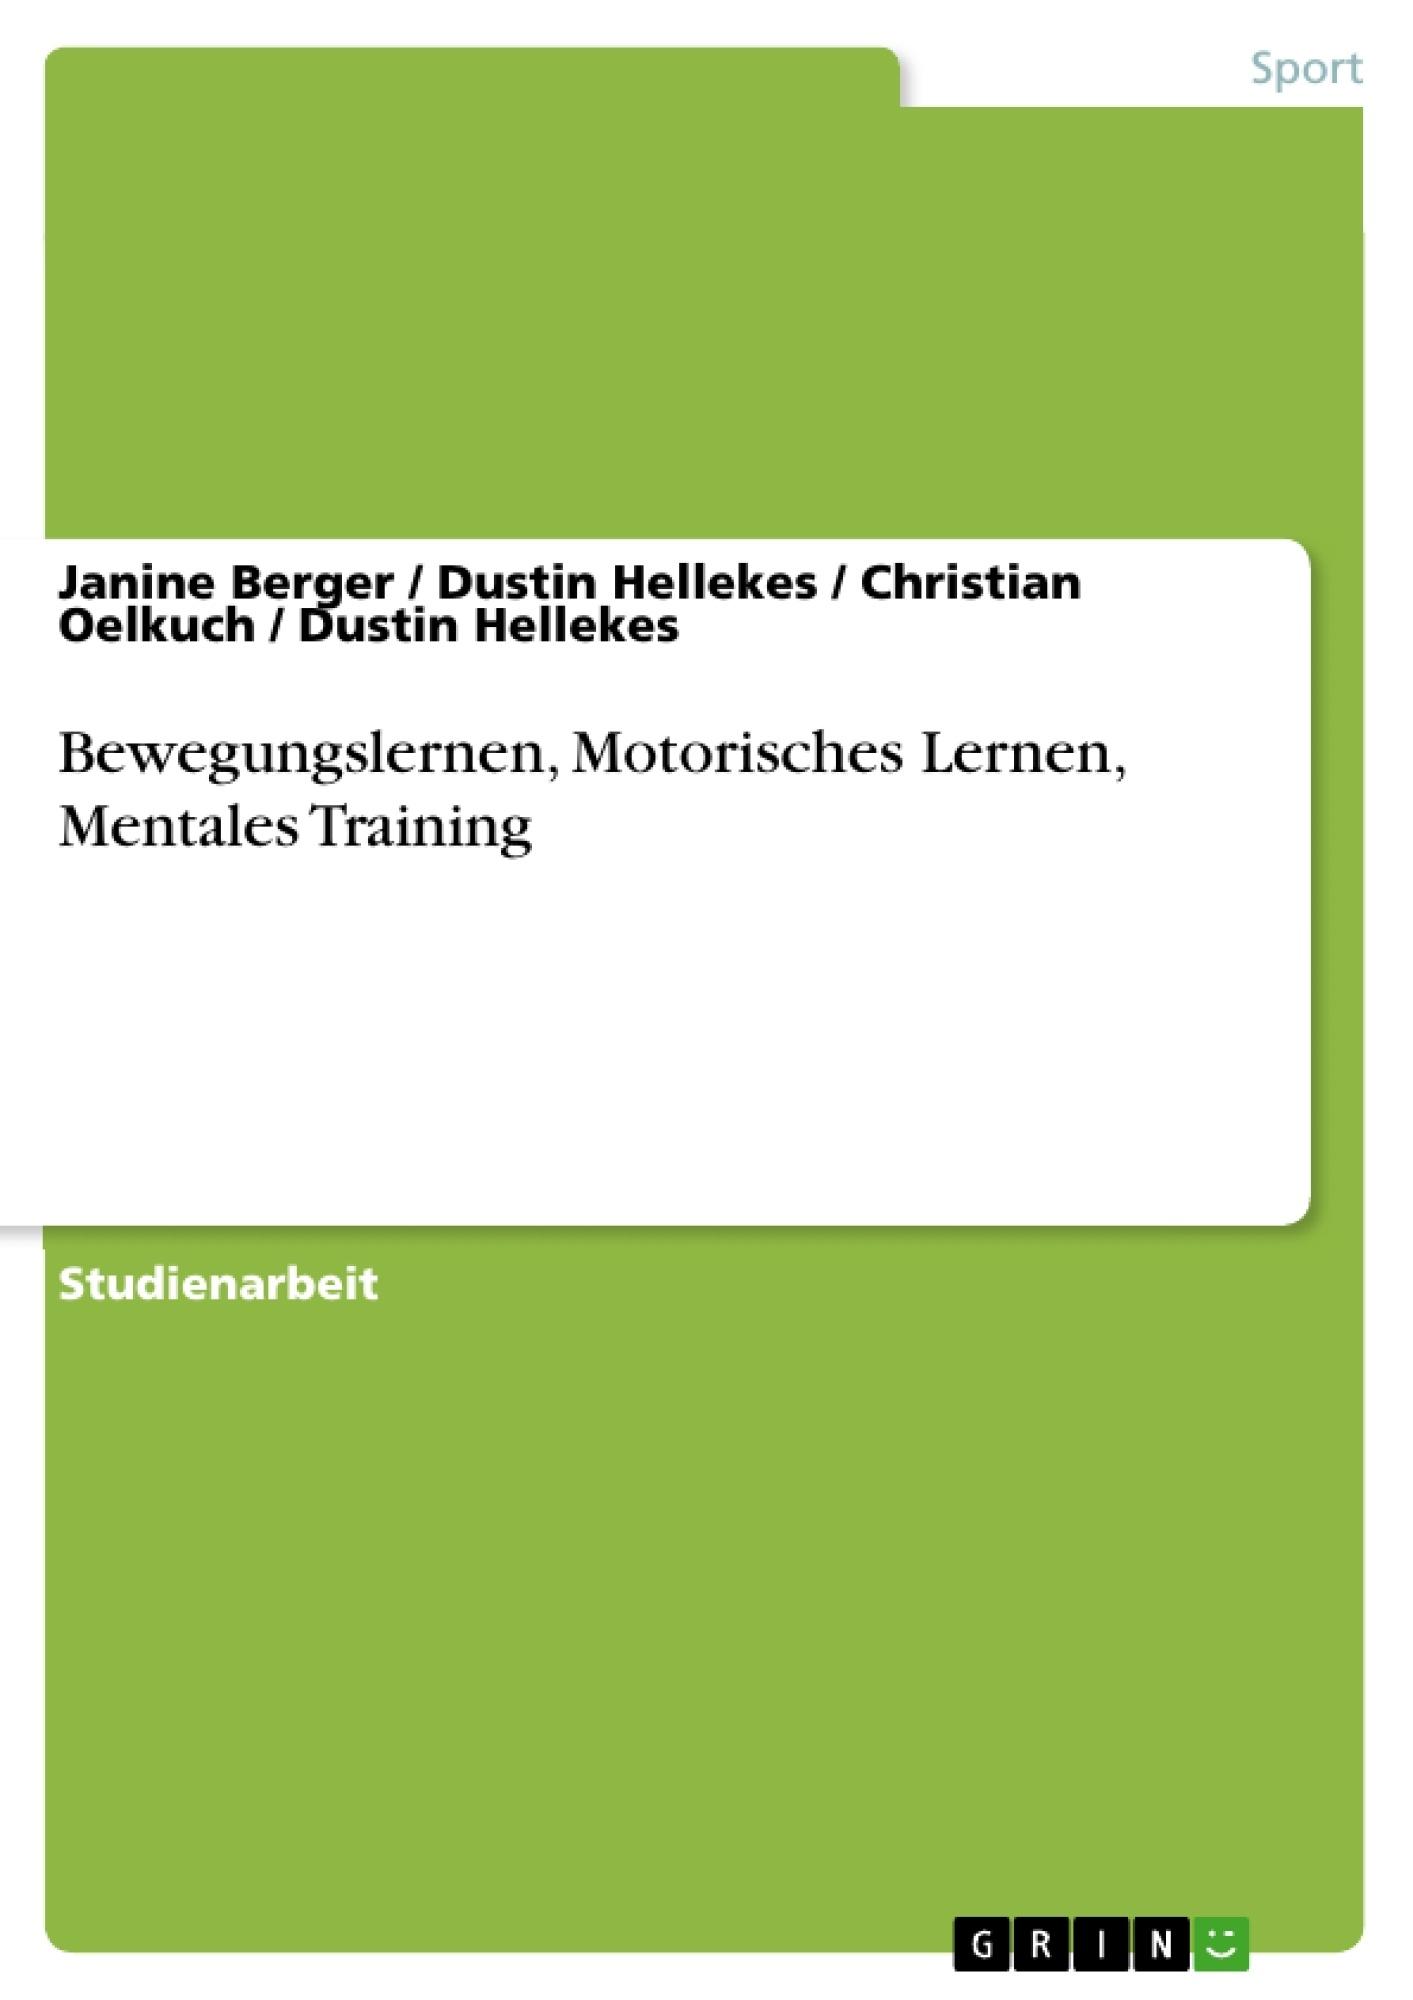 Titel: Bewegungslernen, Motorisches Lernen, Mentales Training